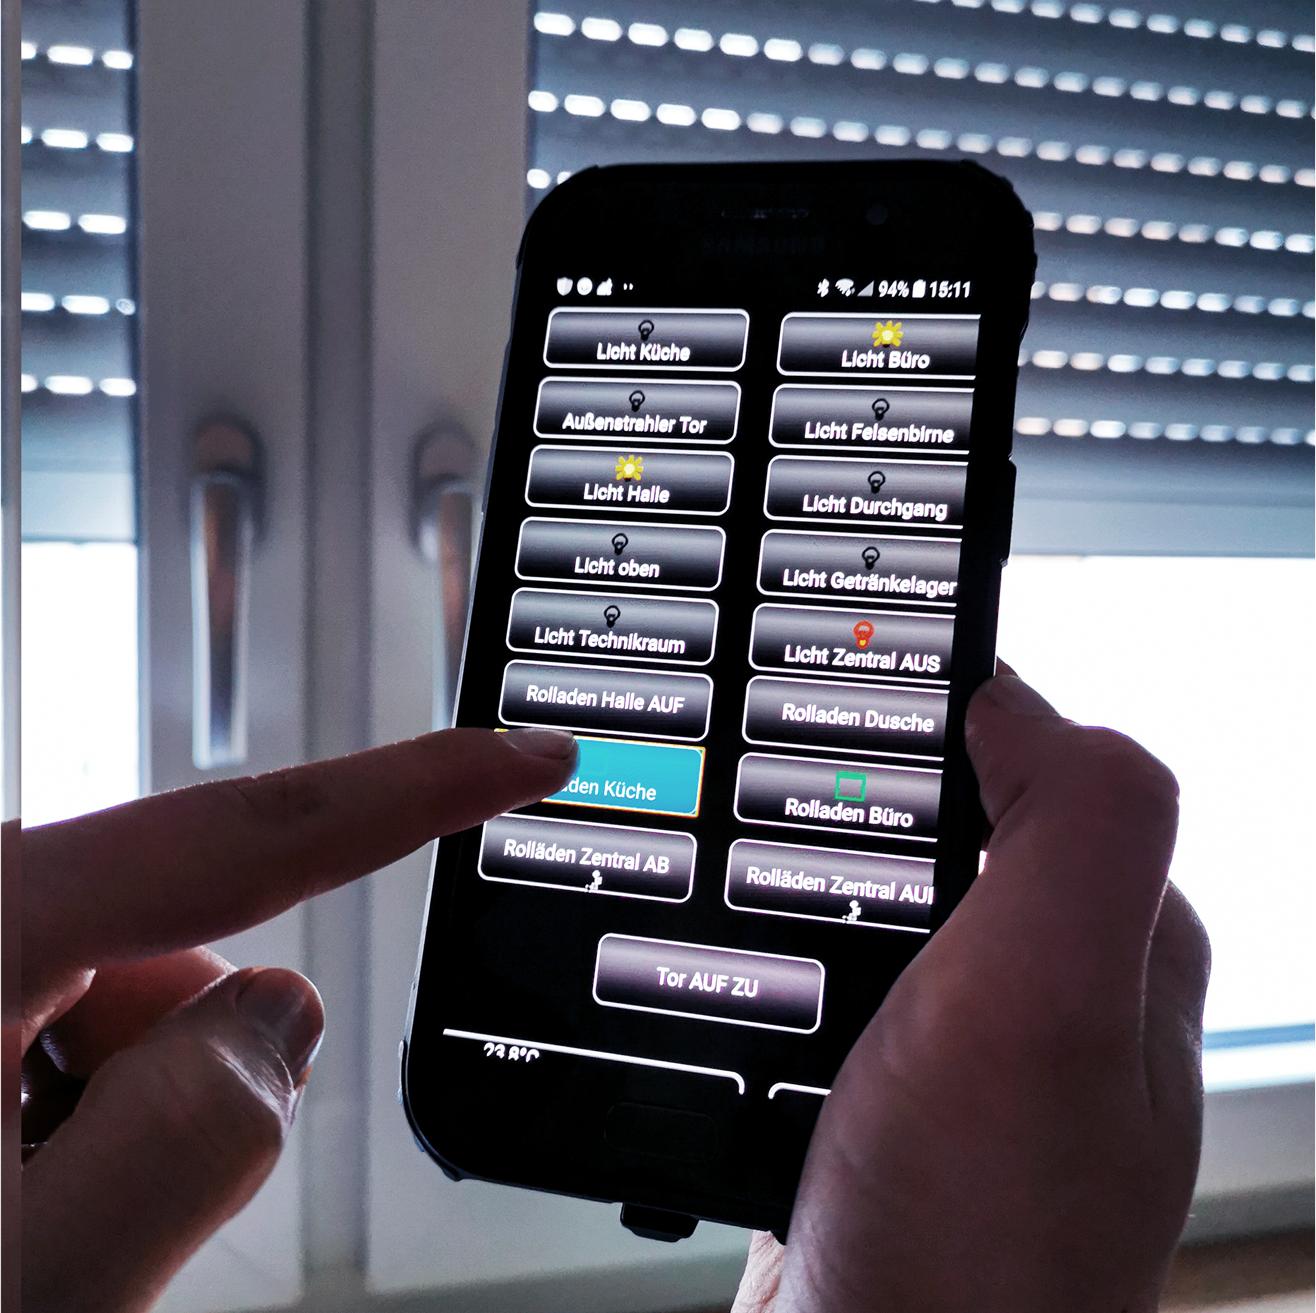 Mit einem Klick auf dem Smartphone, wird der Rolladen hoch gelassen.